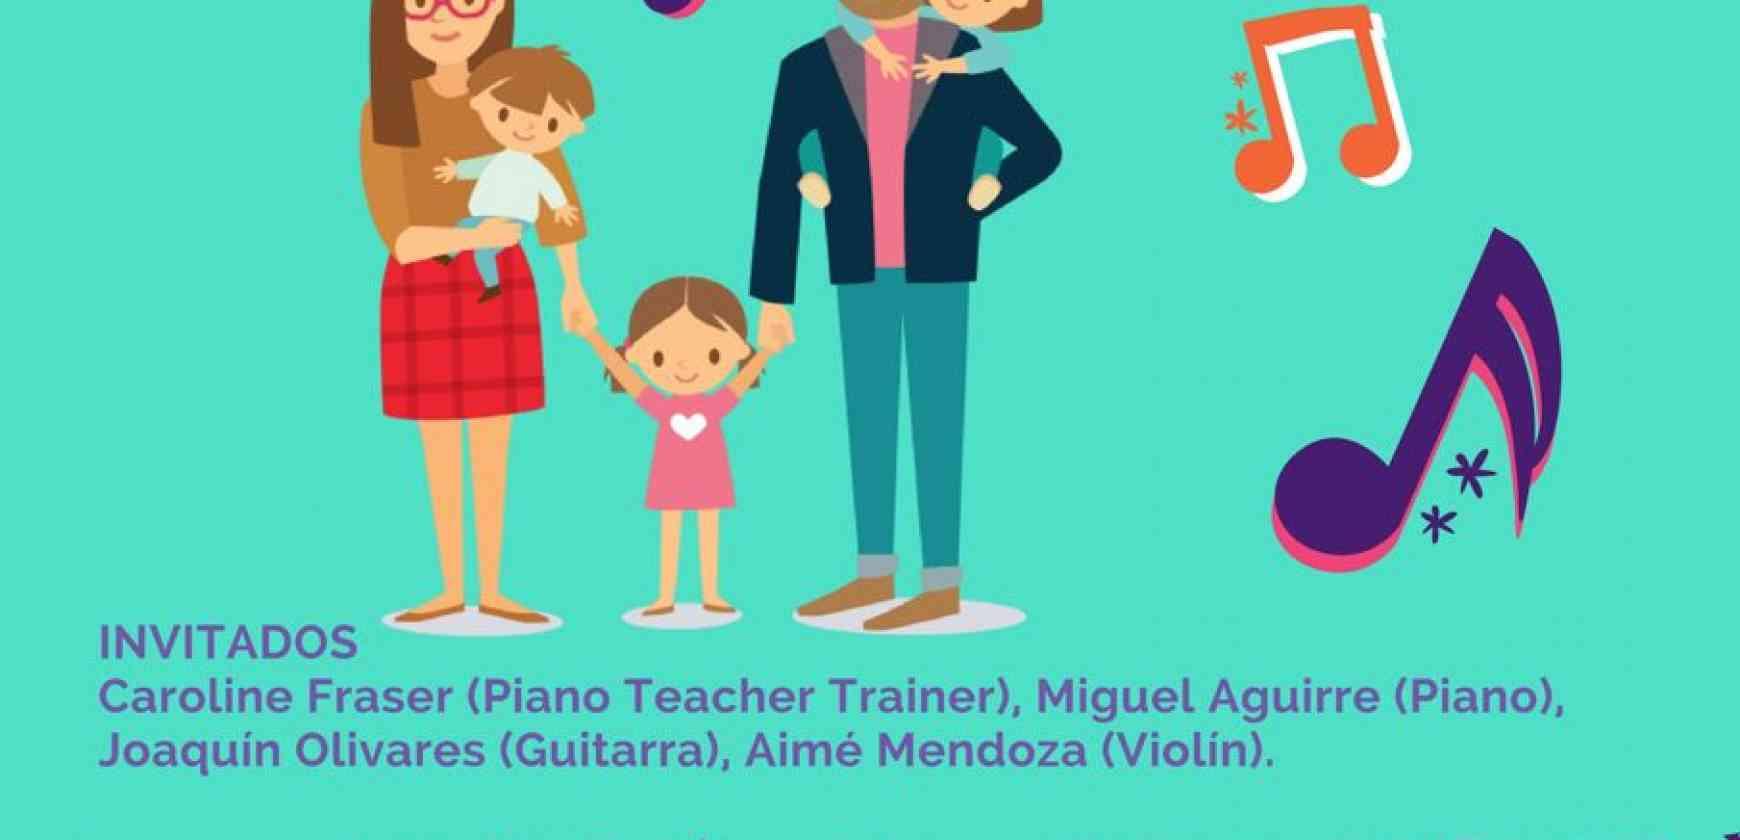 Instituto Musical Adventistas